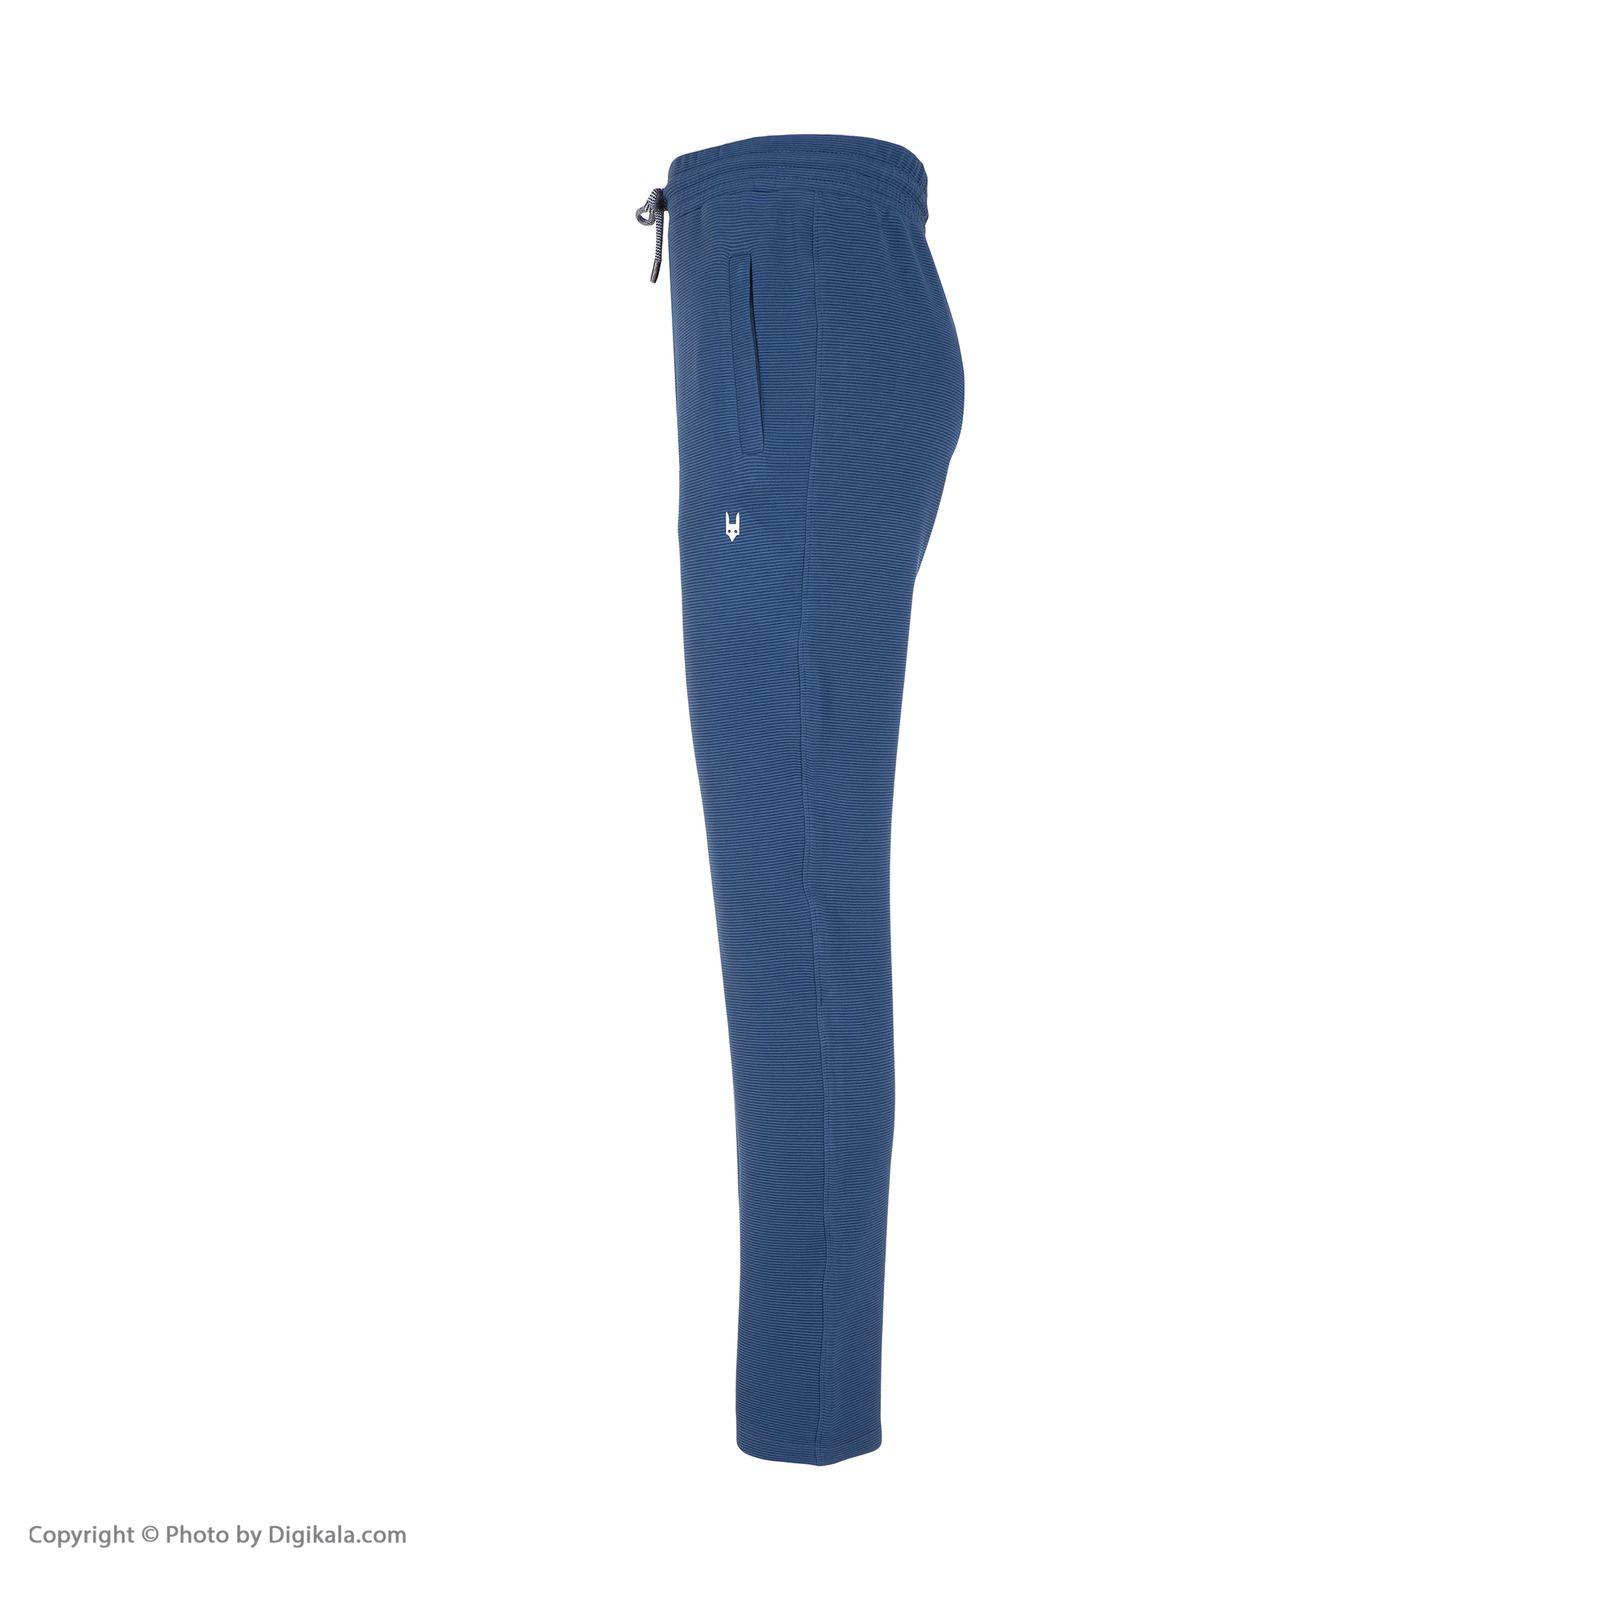 شلوار ورزشی مردانه مل اند موژ مدل M01243-401 -  - 4